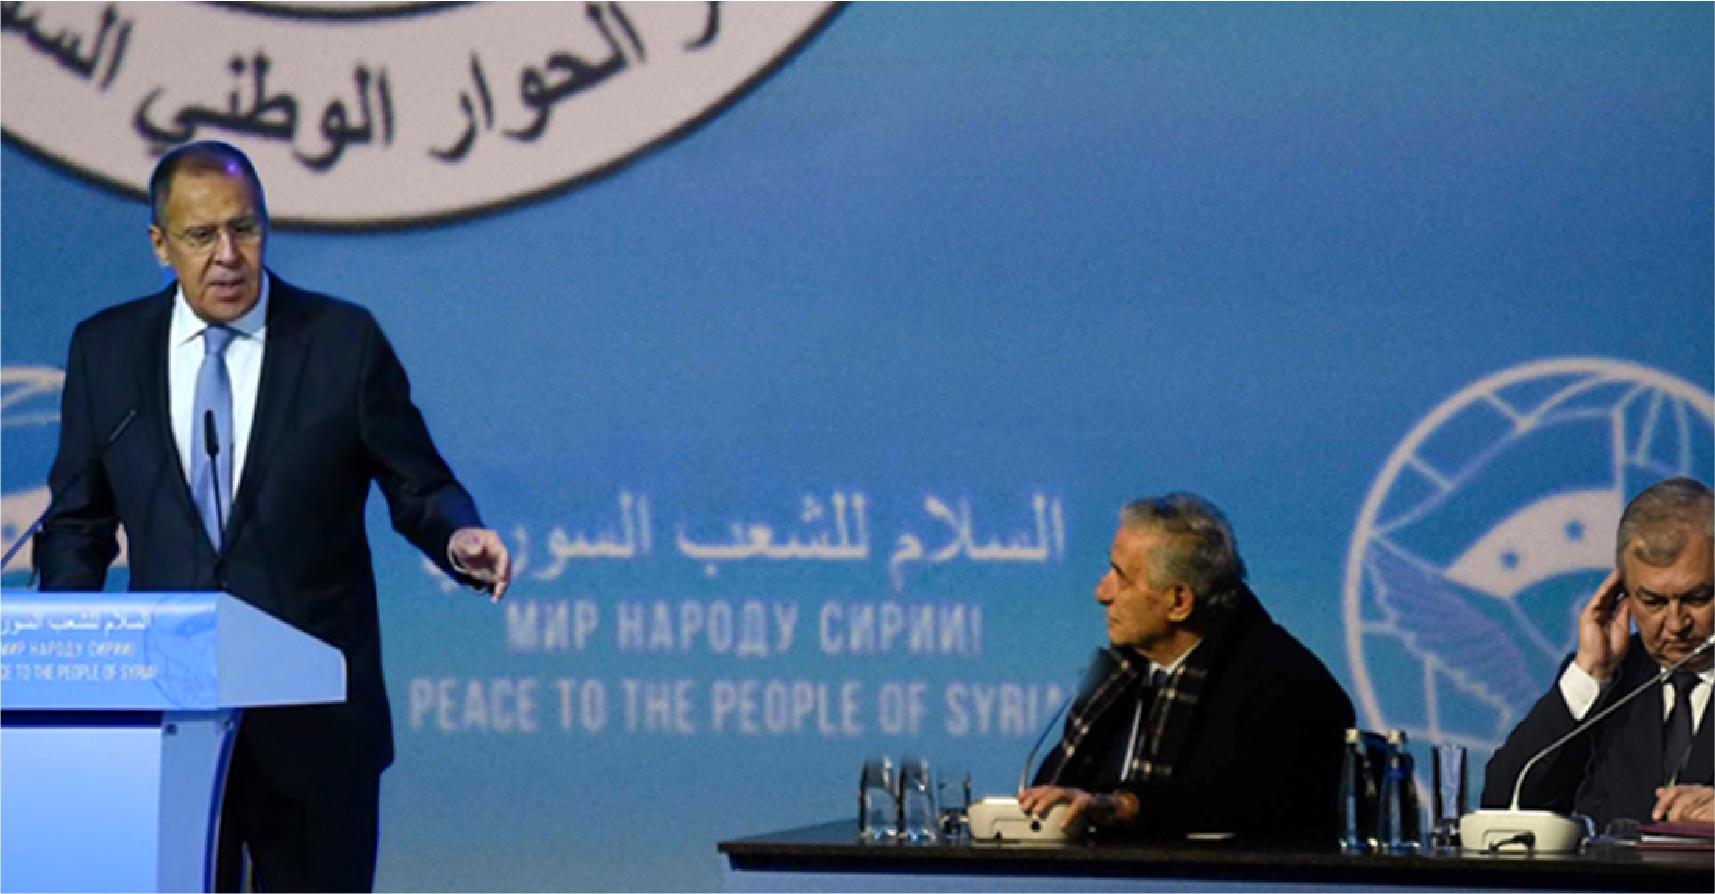 صورة لافروف يفوّض النظام السوري بتمثيل المعارضة في سوتشي لغيابها دون عذر